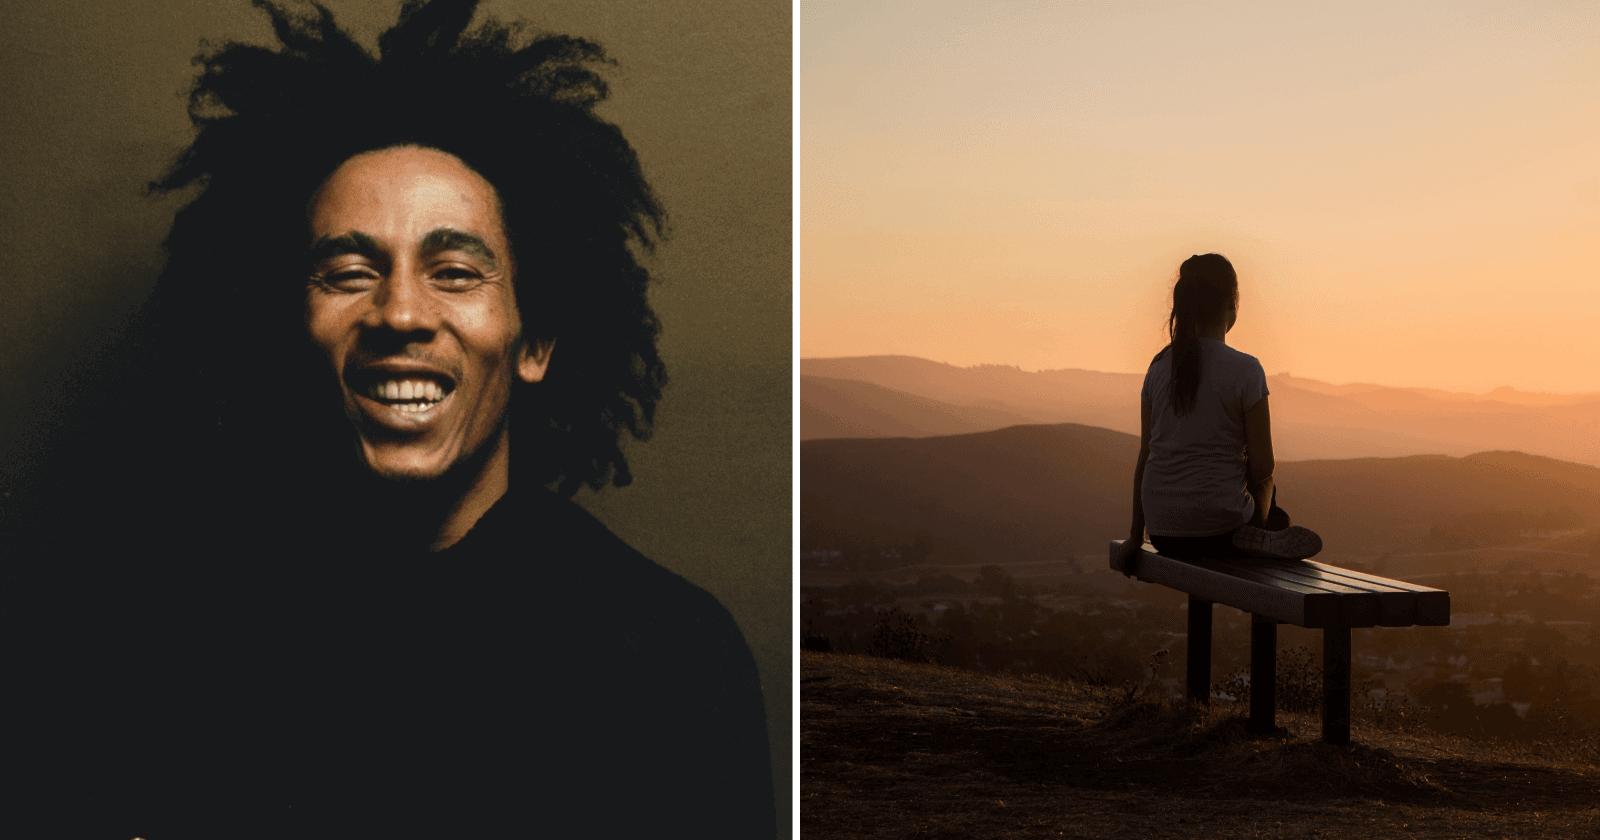 15 vezes em que Bob Marley trouxe os maiores ensinamentos da humanidade e nós não o ouvimos